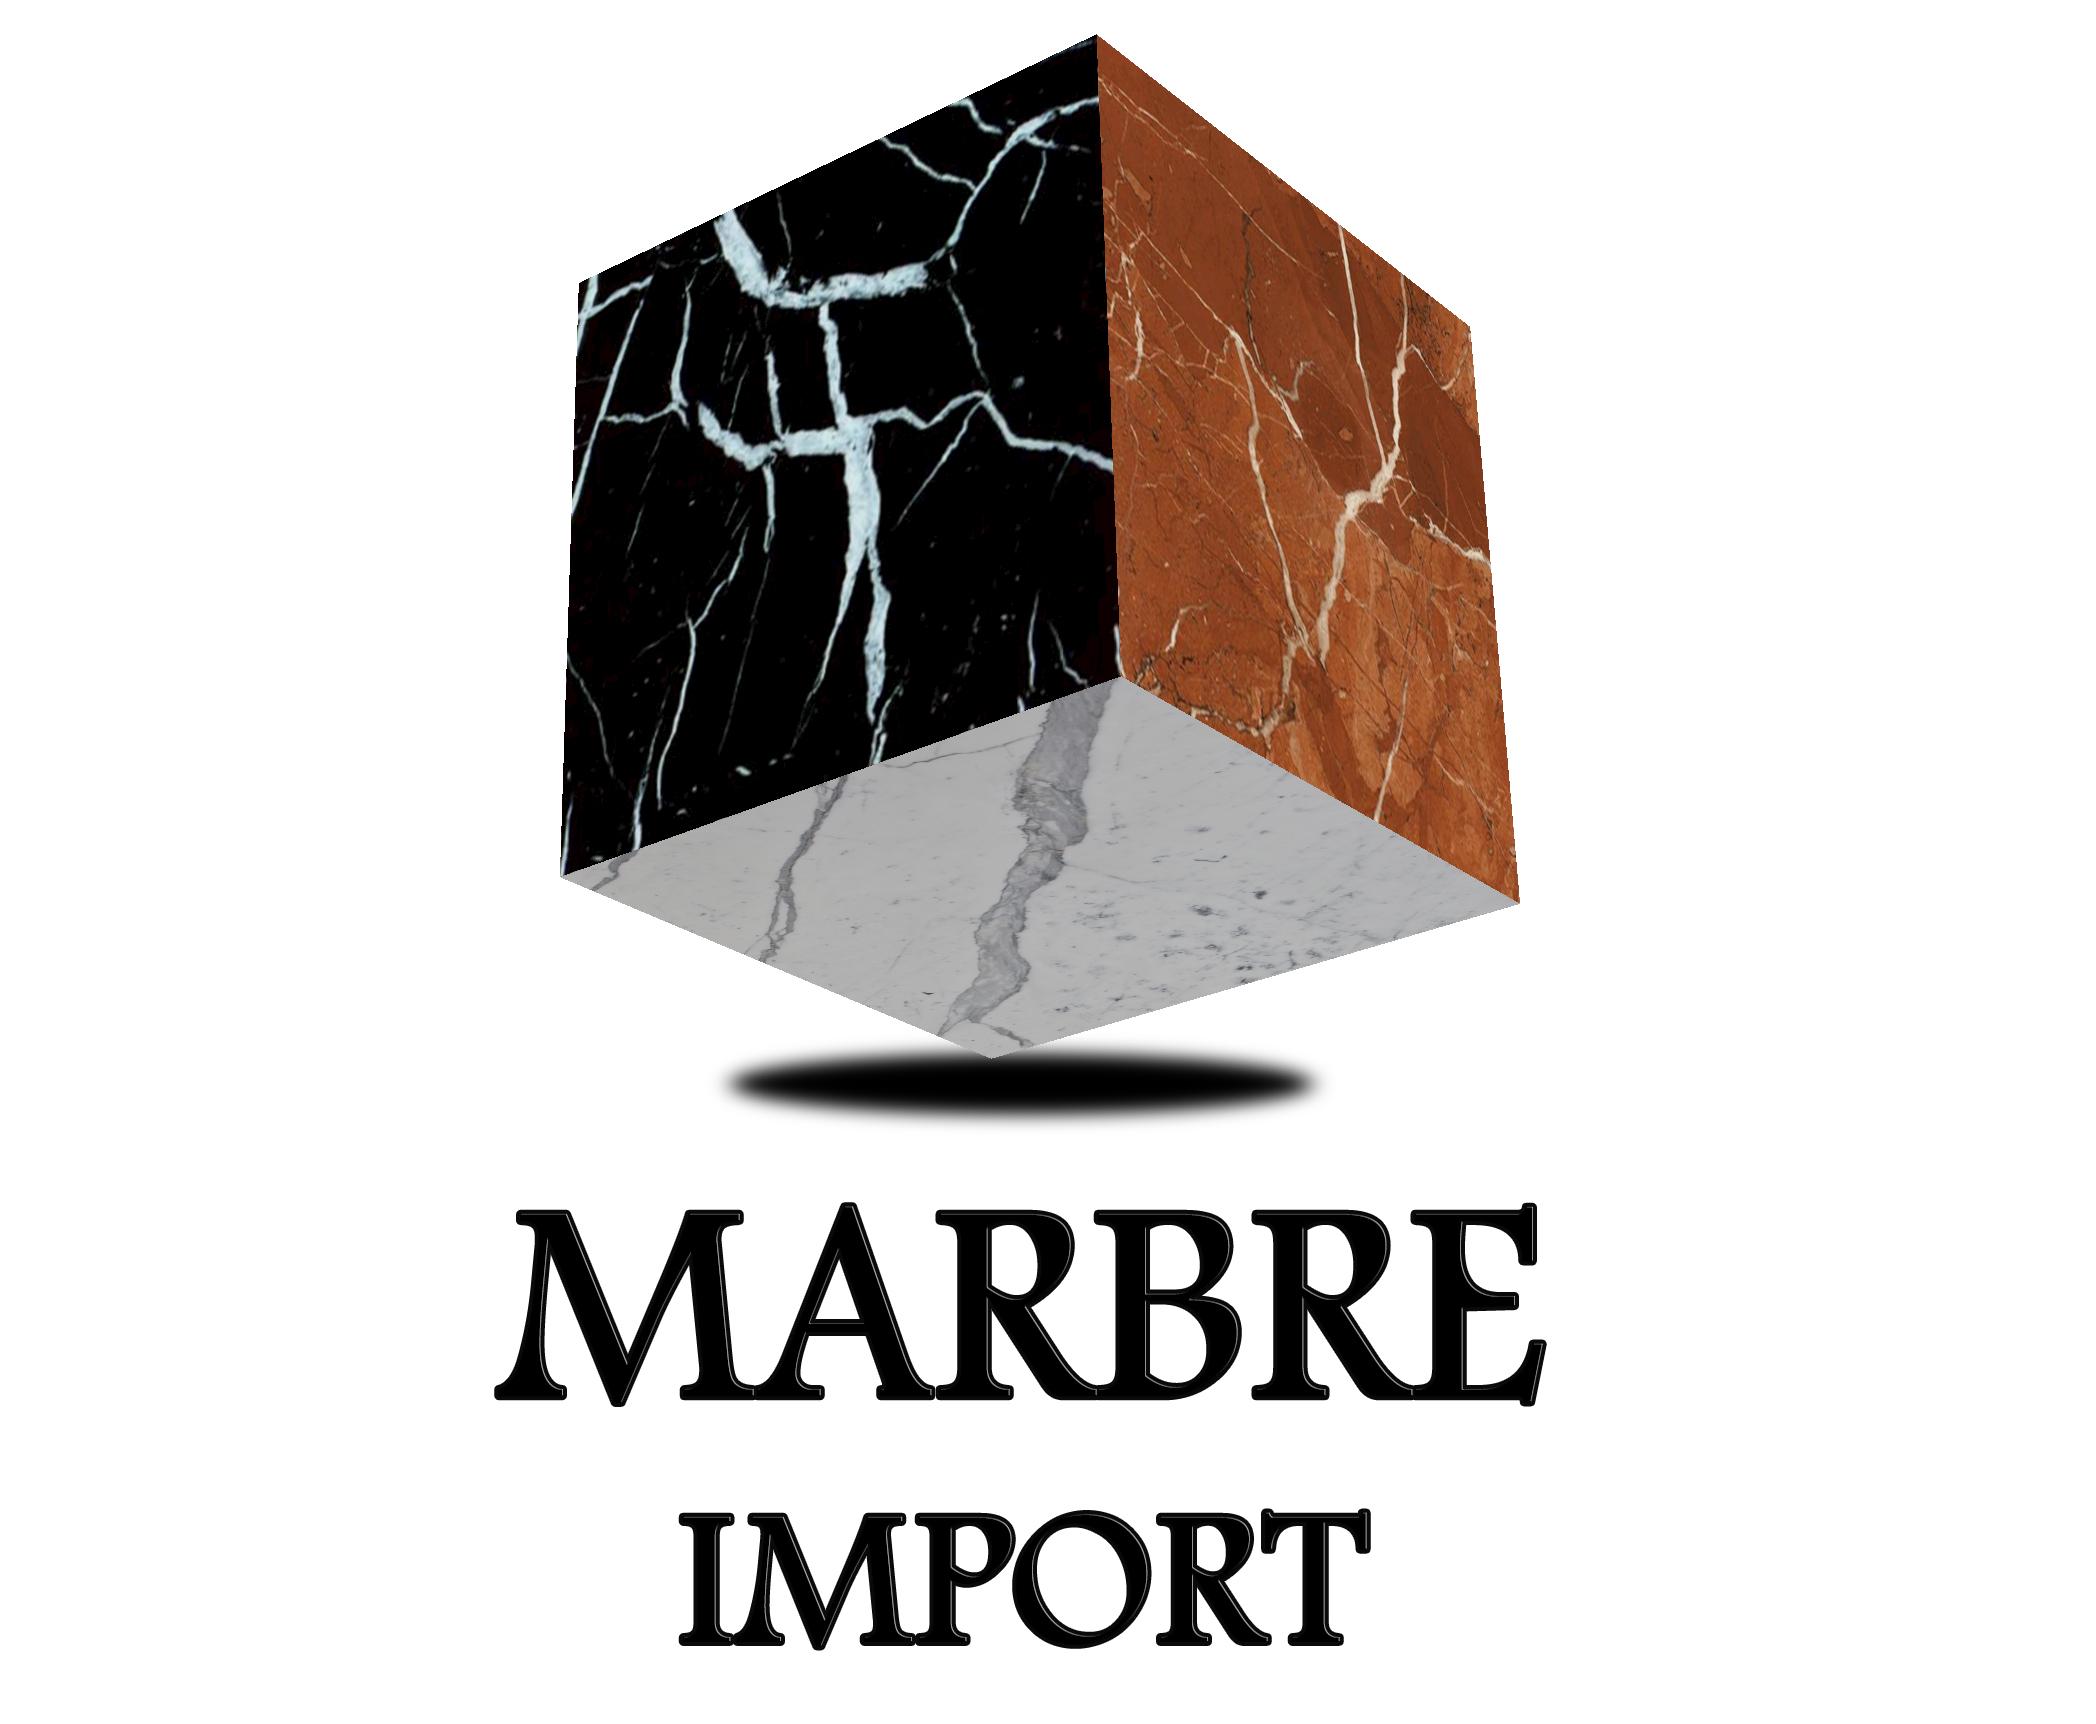 marbre-import